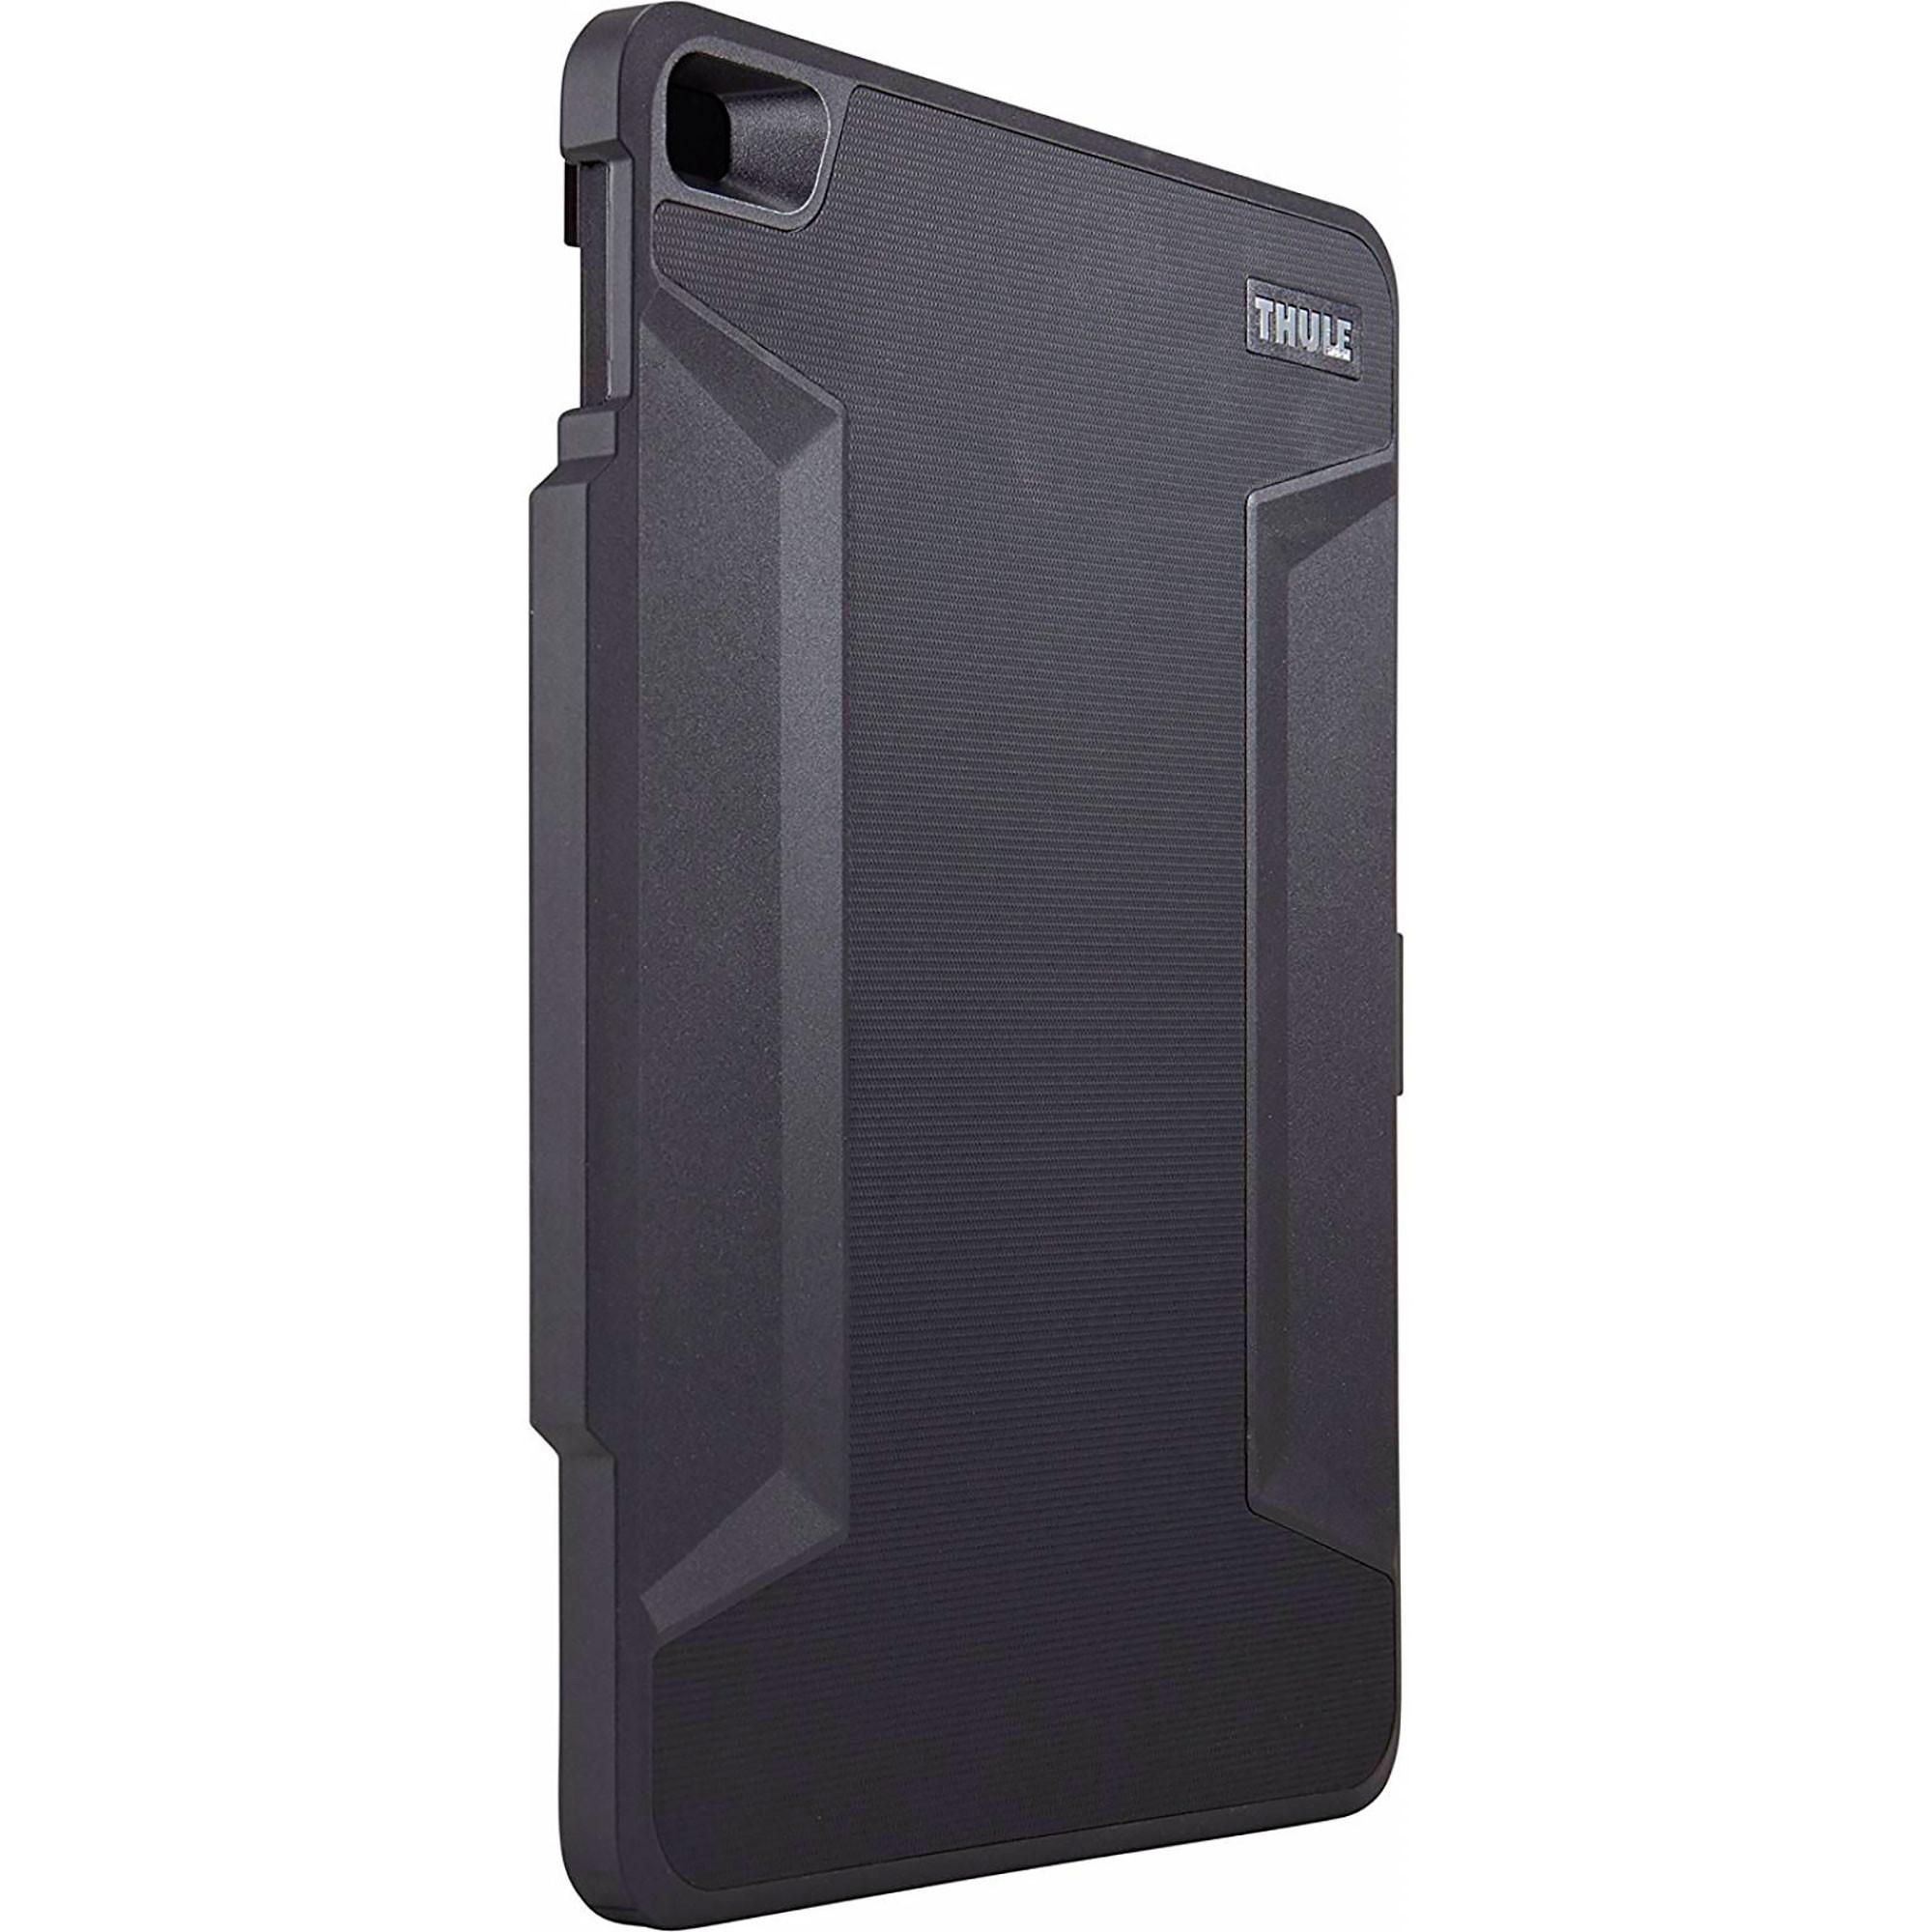 Thule TAIE-3142 Atmos X3 Funda iPad Mini 4, Tablet, Carcasa Resistente, Negro